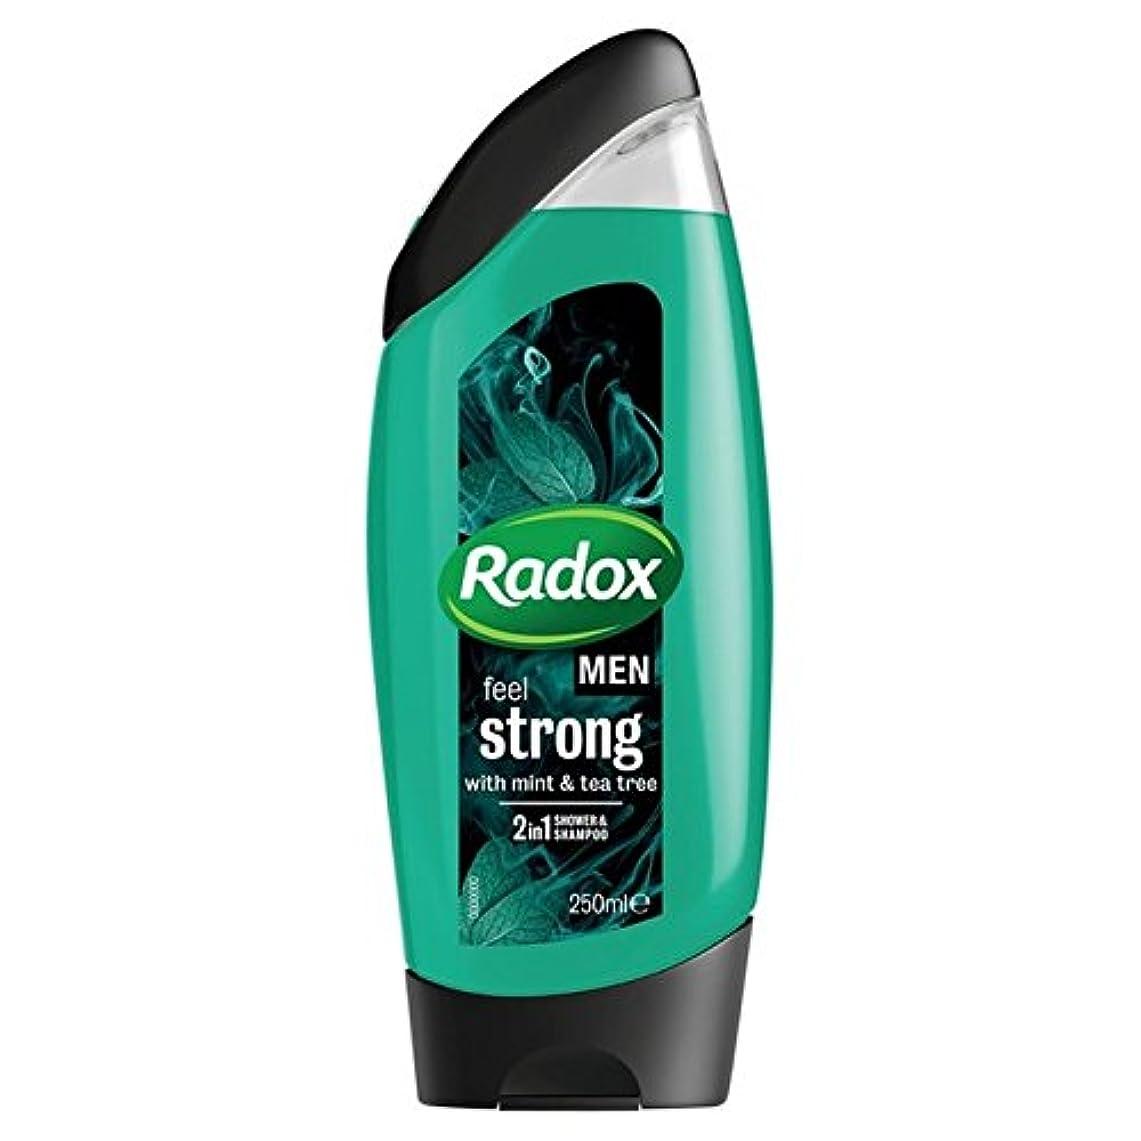 信仰論理的機動Radox Men Feel Strong Mint & Tea Tree 2in1 Shower Gel 250ml (Pack of 6) - 男性は、強力なミント&ティーツリーの21のシャワージェル250ミリリットル...